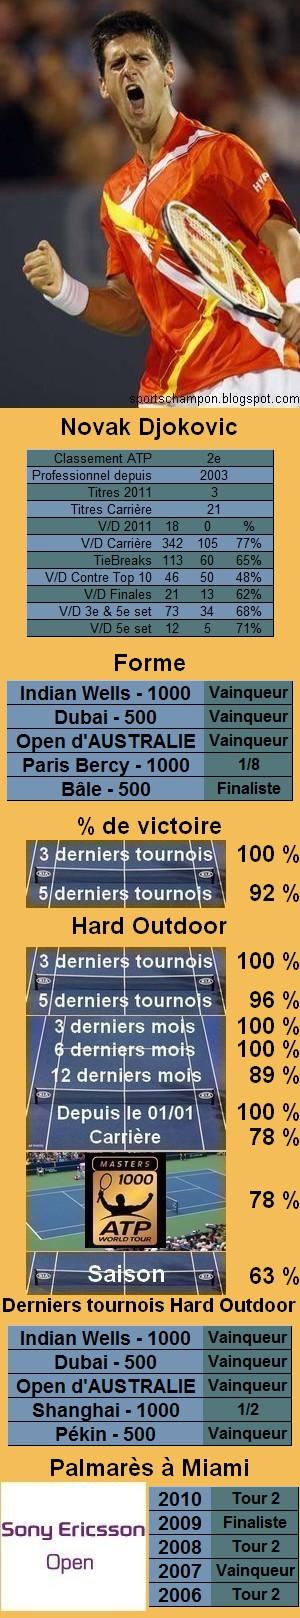 Les statistiques tennis de Novak Djokovic pour le tournoi de Miami